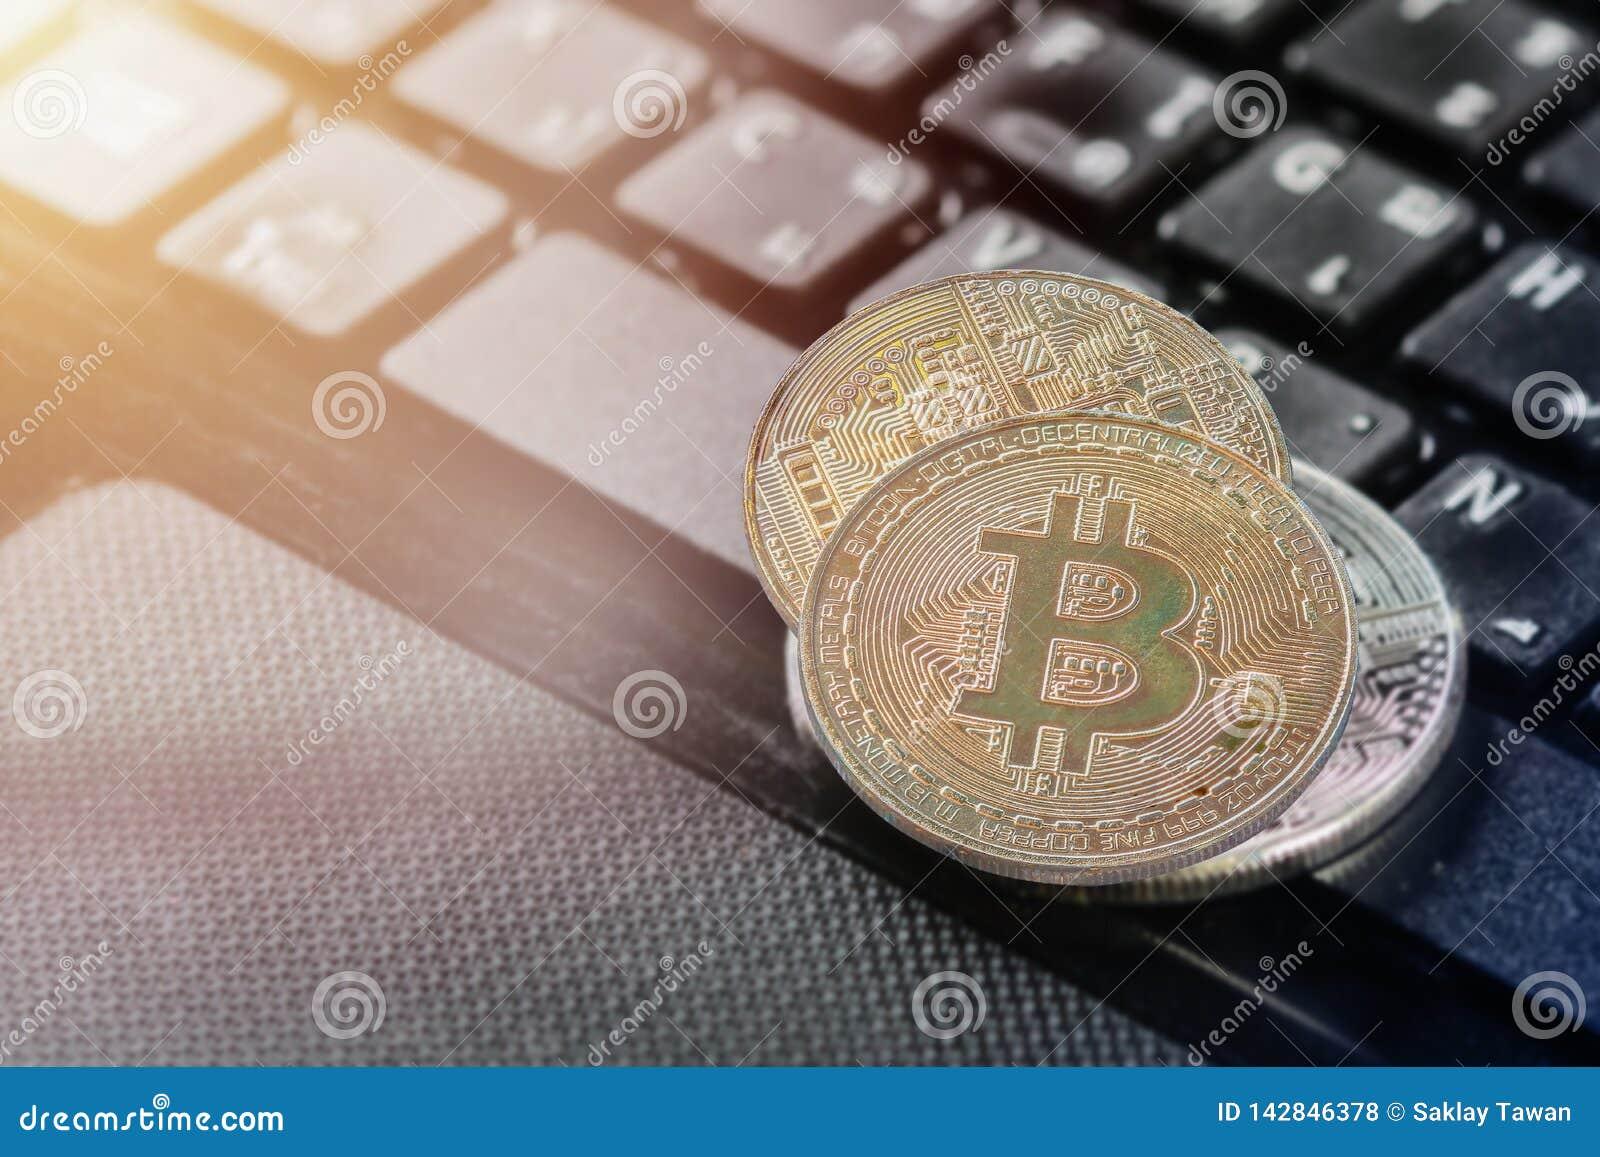 Bitcoin золотой двойной экспозиции bitcoin золотое положило дальше тетрадь бумажника и ноутбука